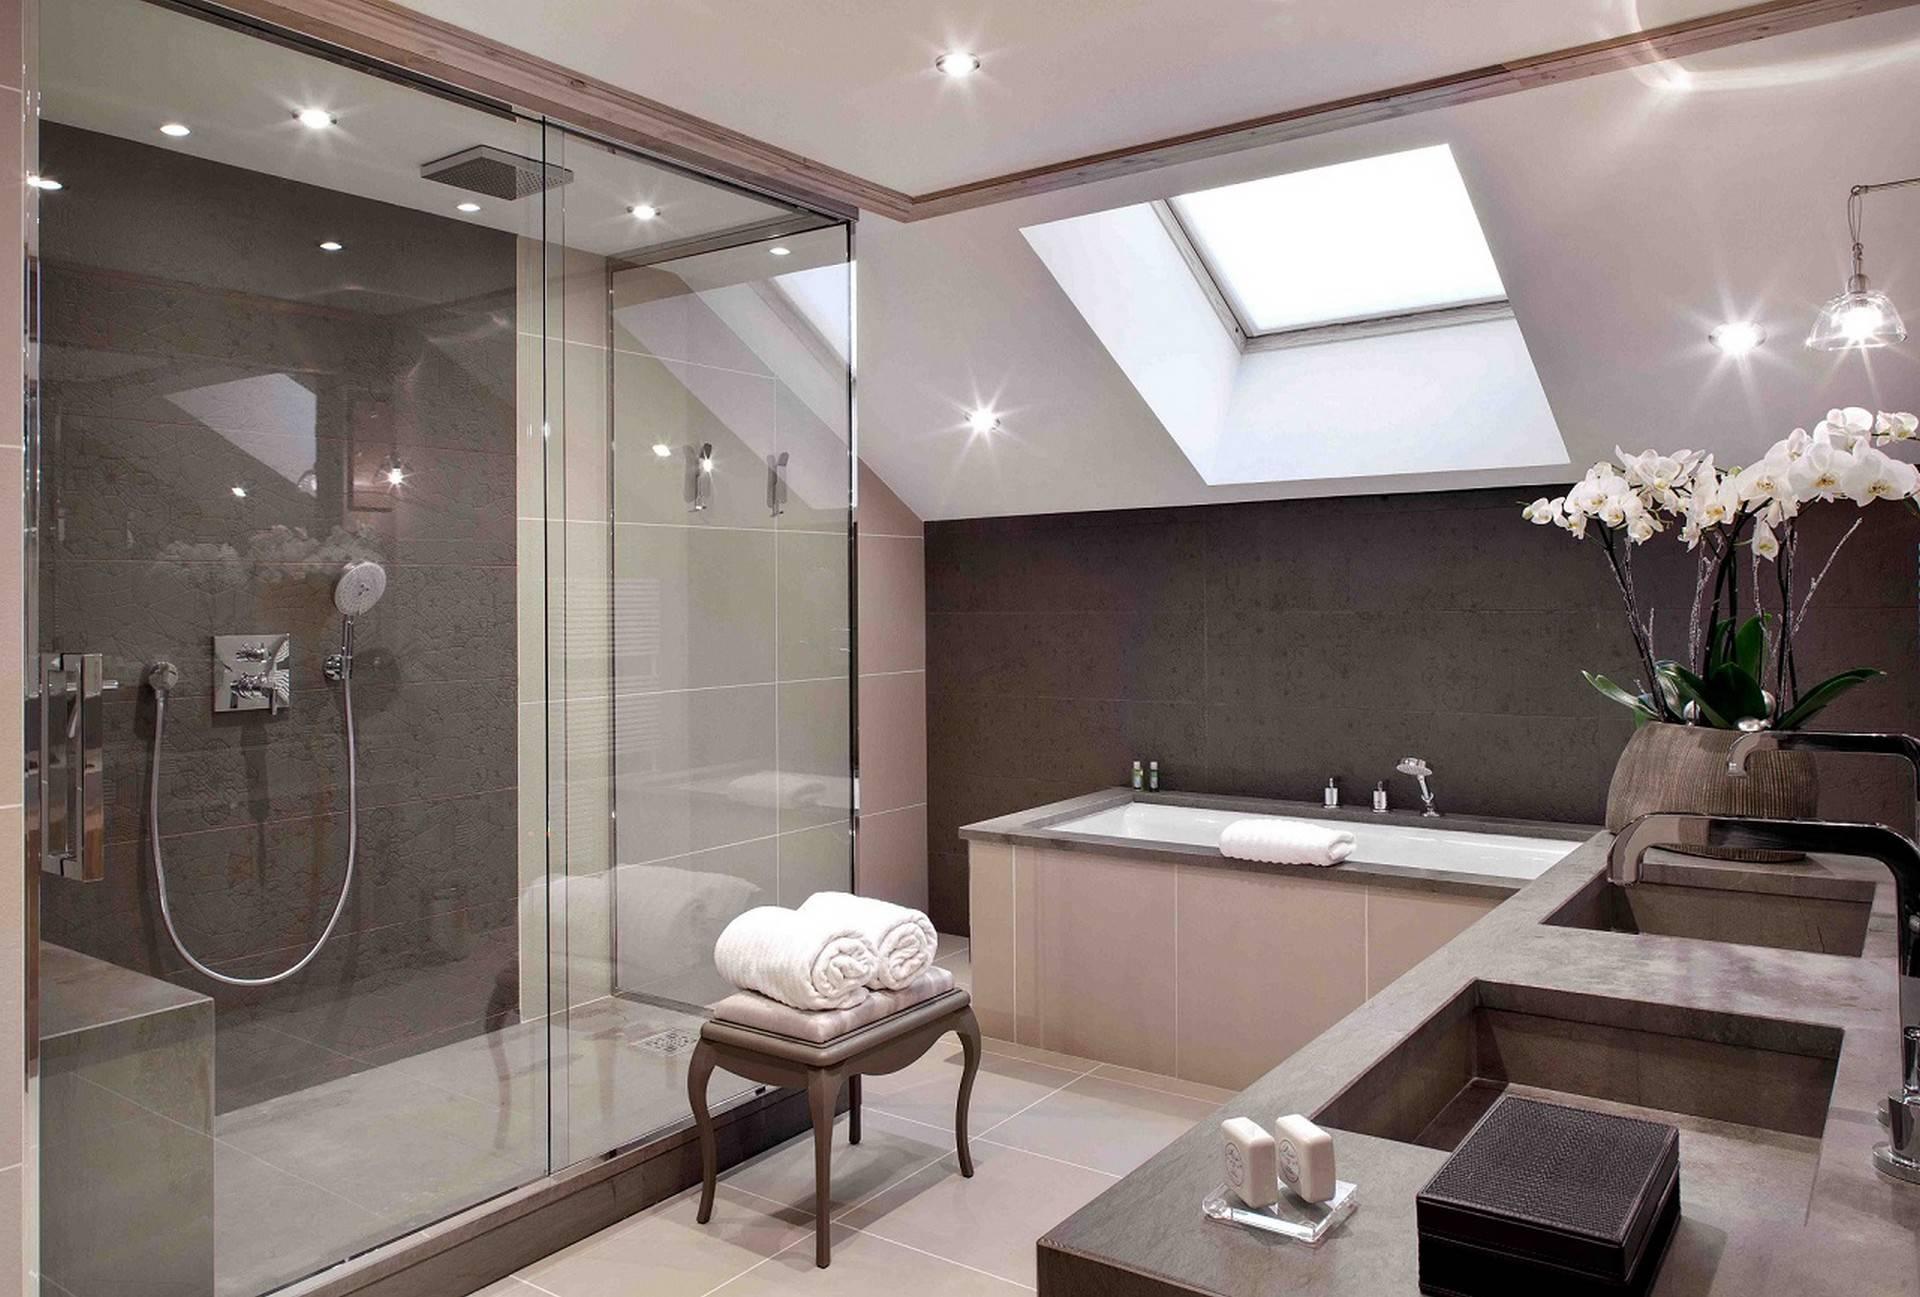 A Privilege suite bathroom